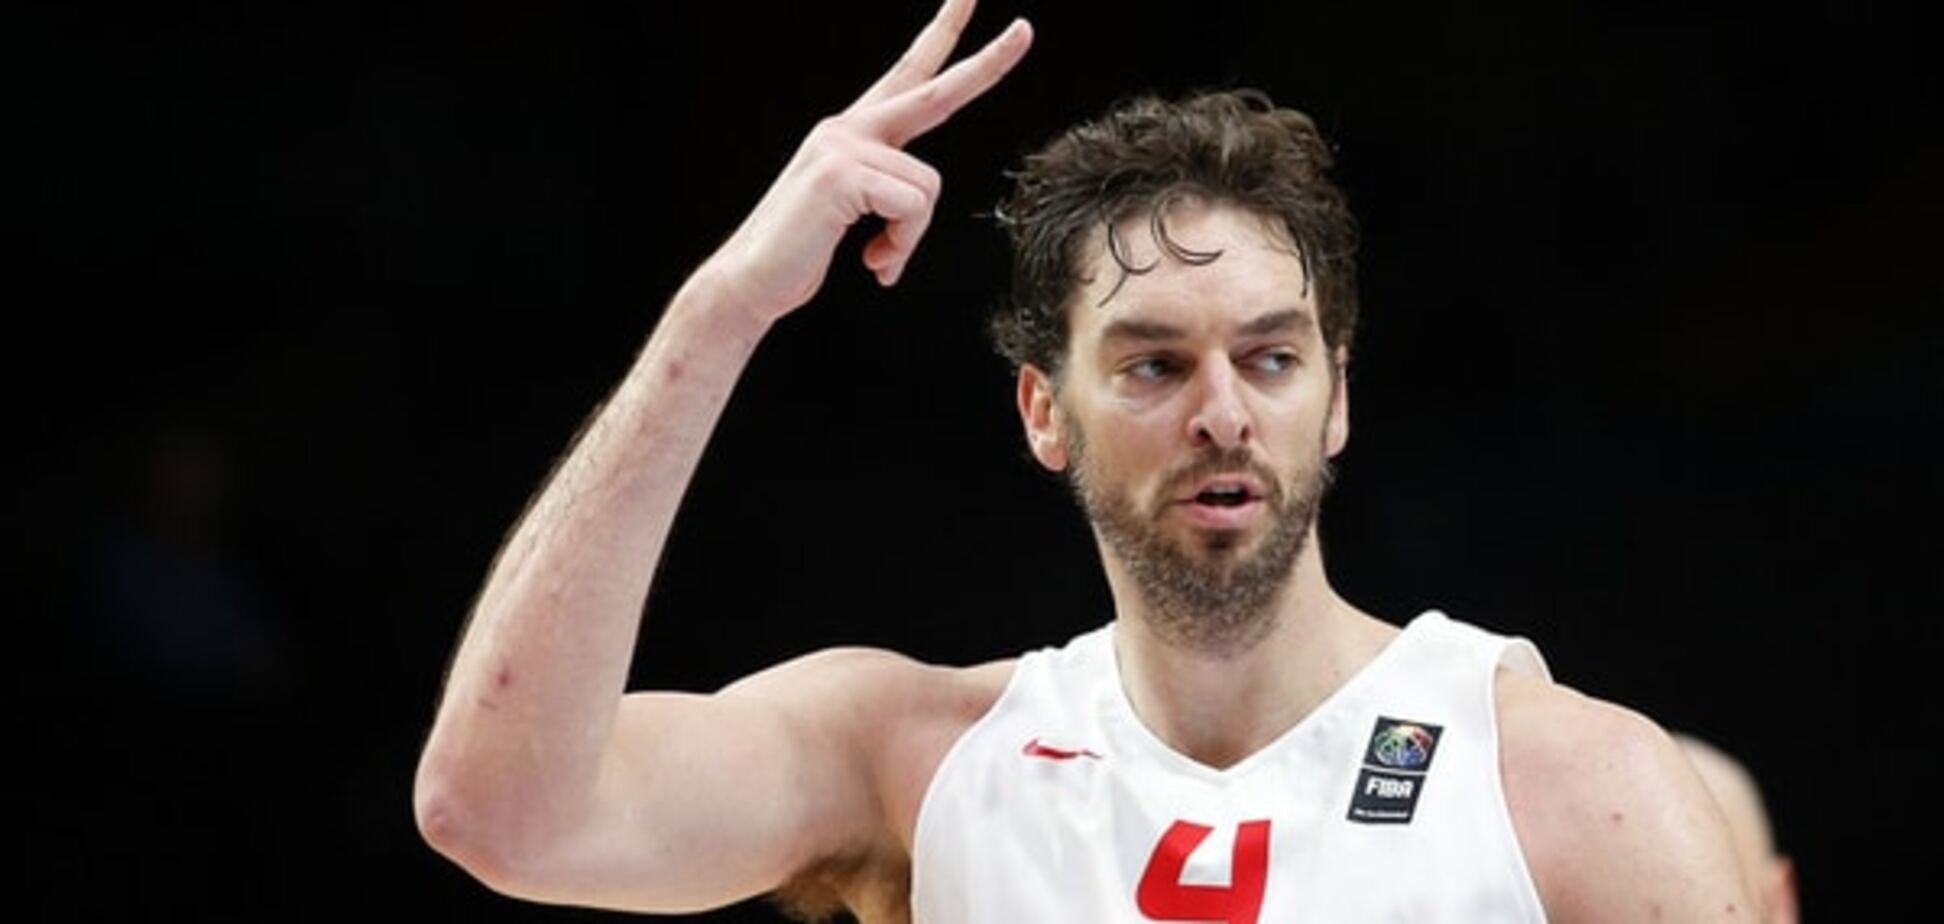 Газоль и допинг. Из-за чего поссорились баскетбольные Испания и Франция